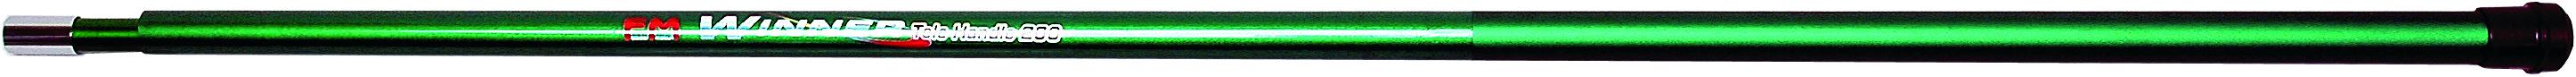 Podběráková tyč teleskopická délka tyče: 2,20 m - 2 díly